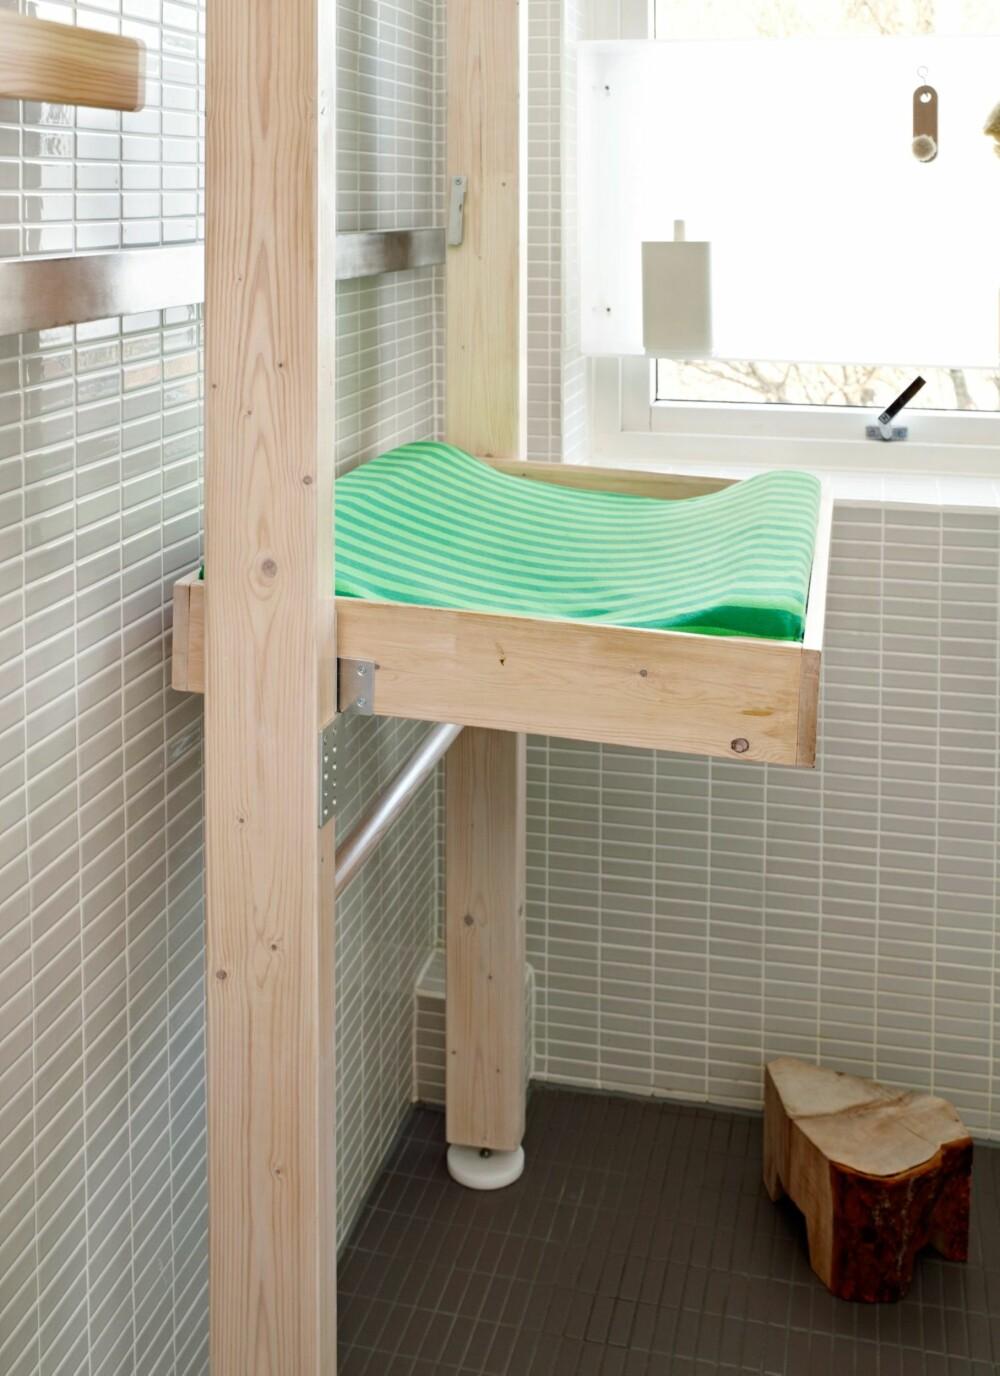 STELLEBORD I HELSPENN: Stativet står i spenn mellom tak og gulv, og er montert uten å bore eller skru. Stellebrettet kan felles opp når det ikke er i bruk.